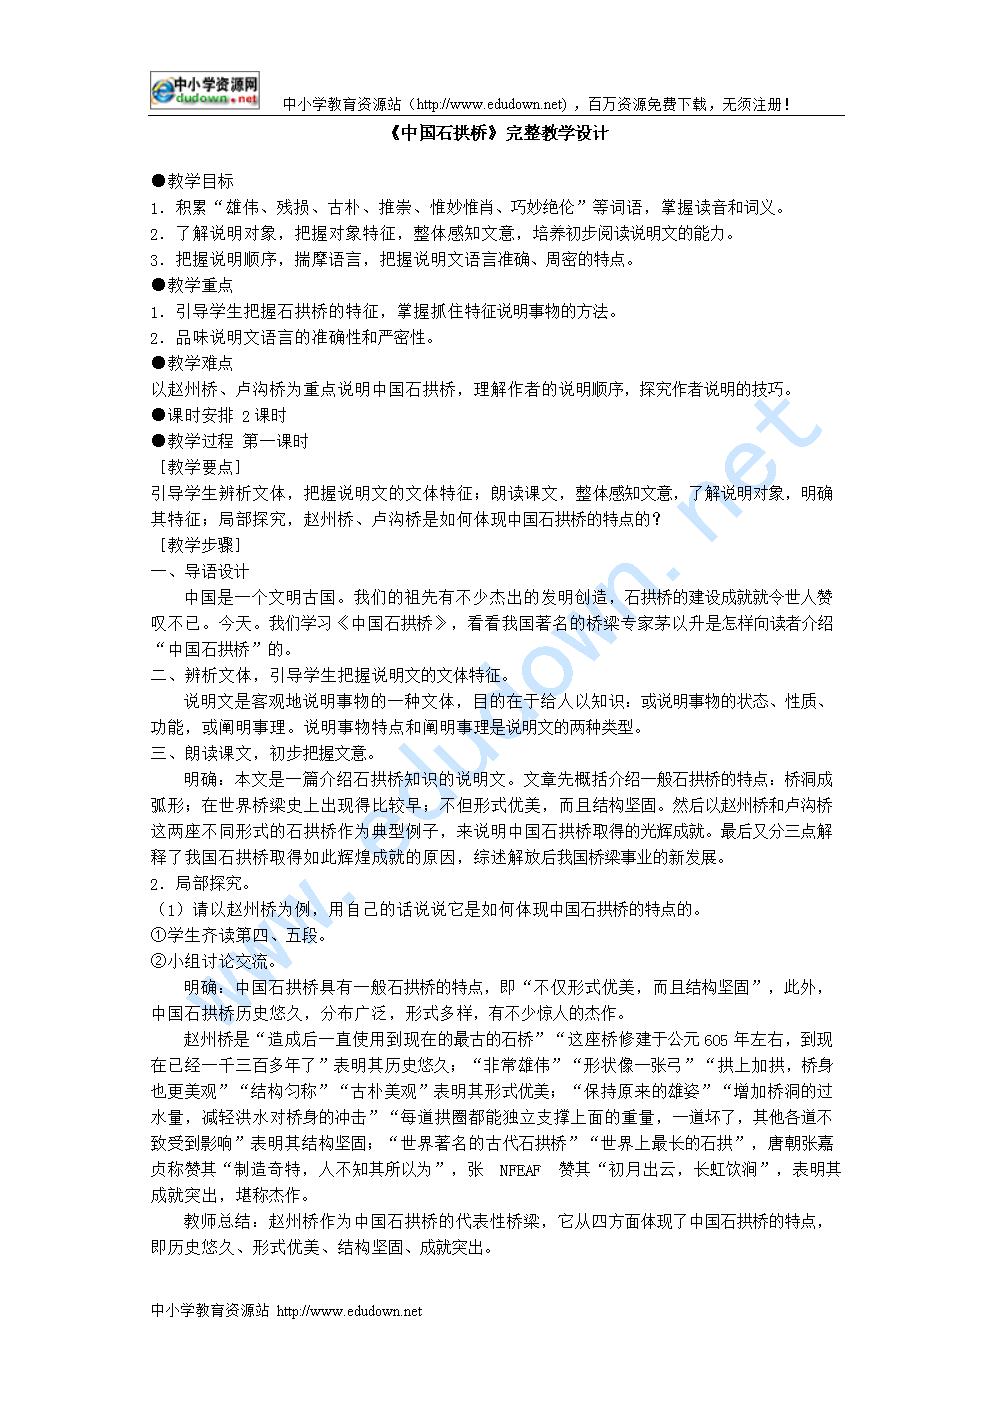 课改版 八上 中国石拱桥 word教案.doc全文 高考 在线文档